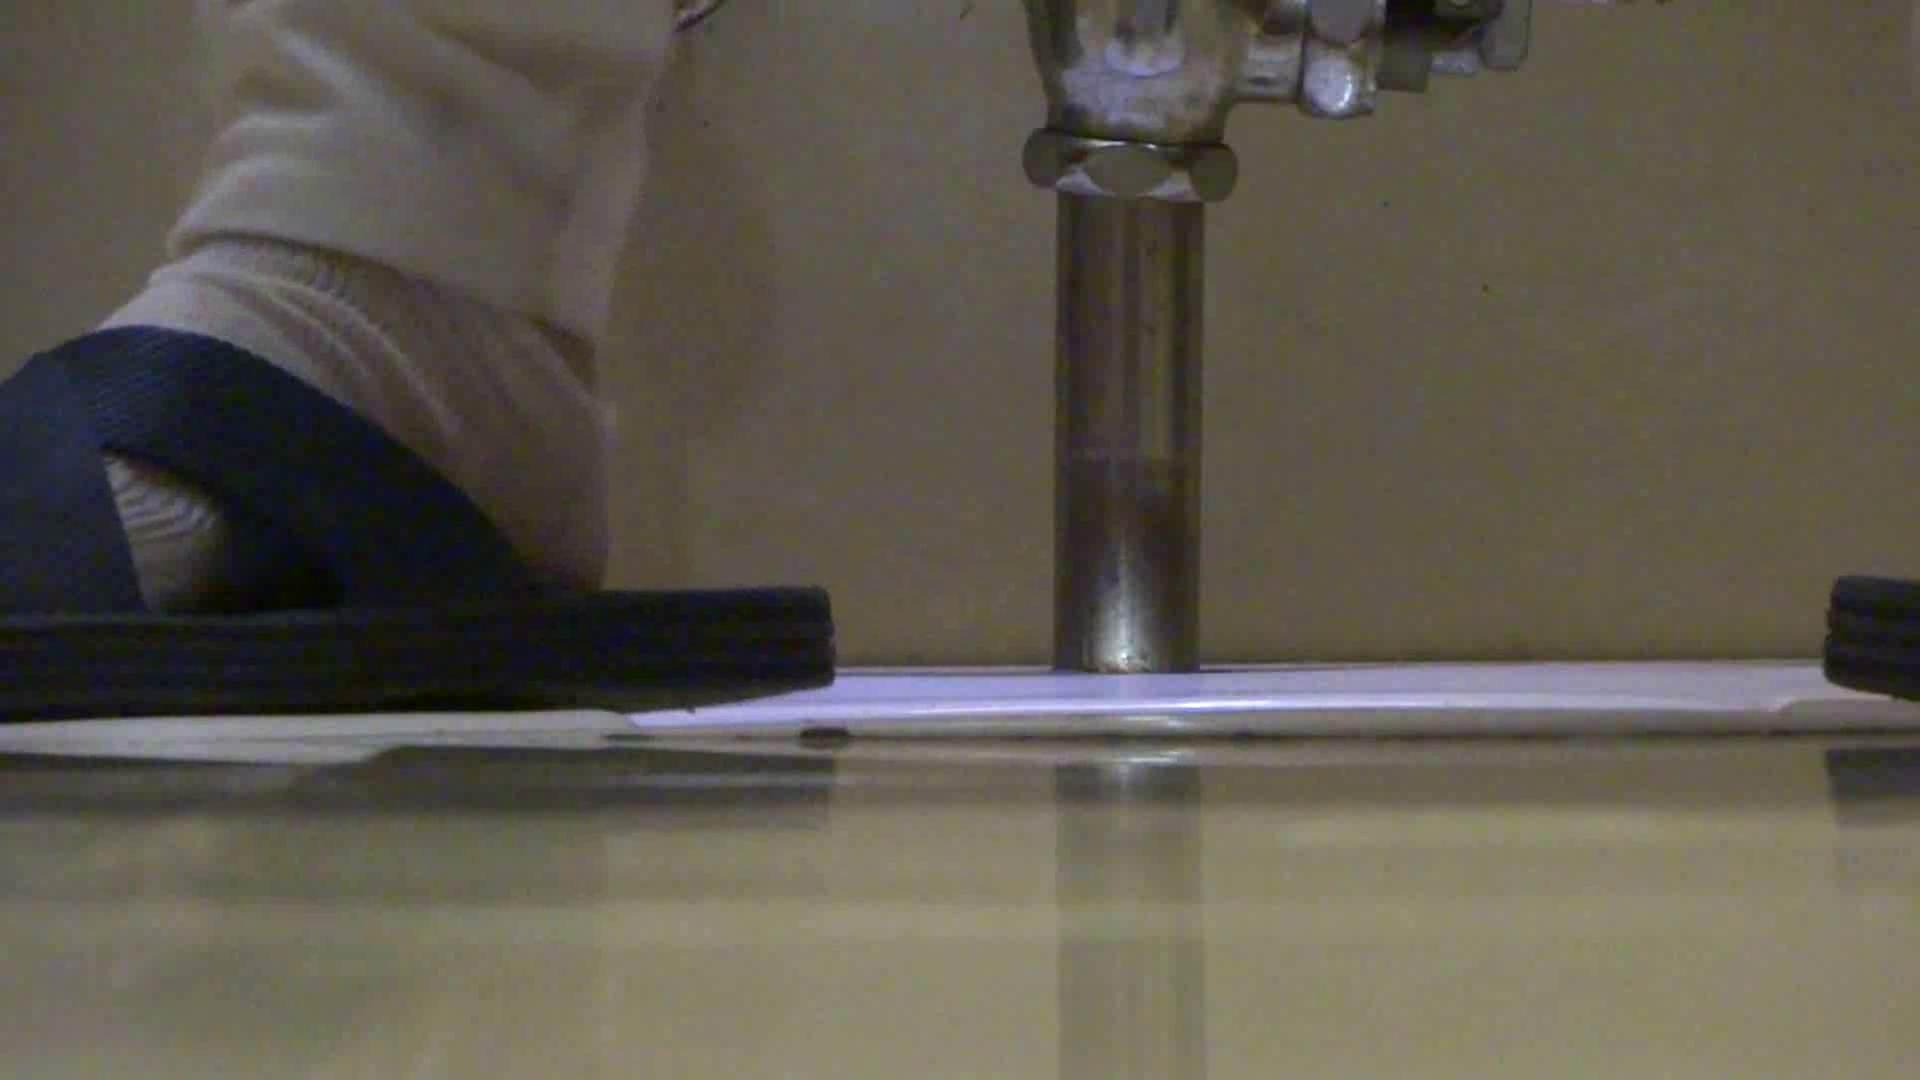 「噂」の国の厠観察日記2 Vol.15 OLのエロ生活 ぱこり動画紹介 75連発 53